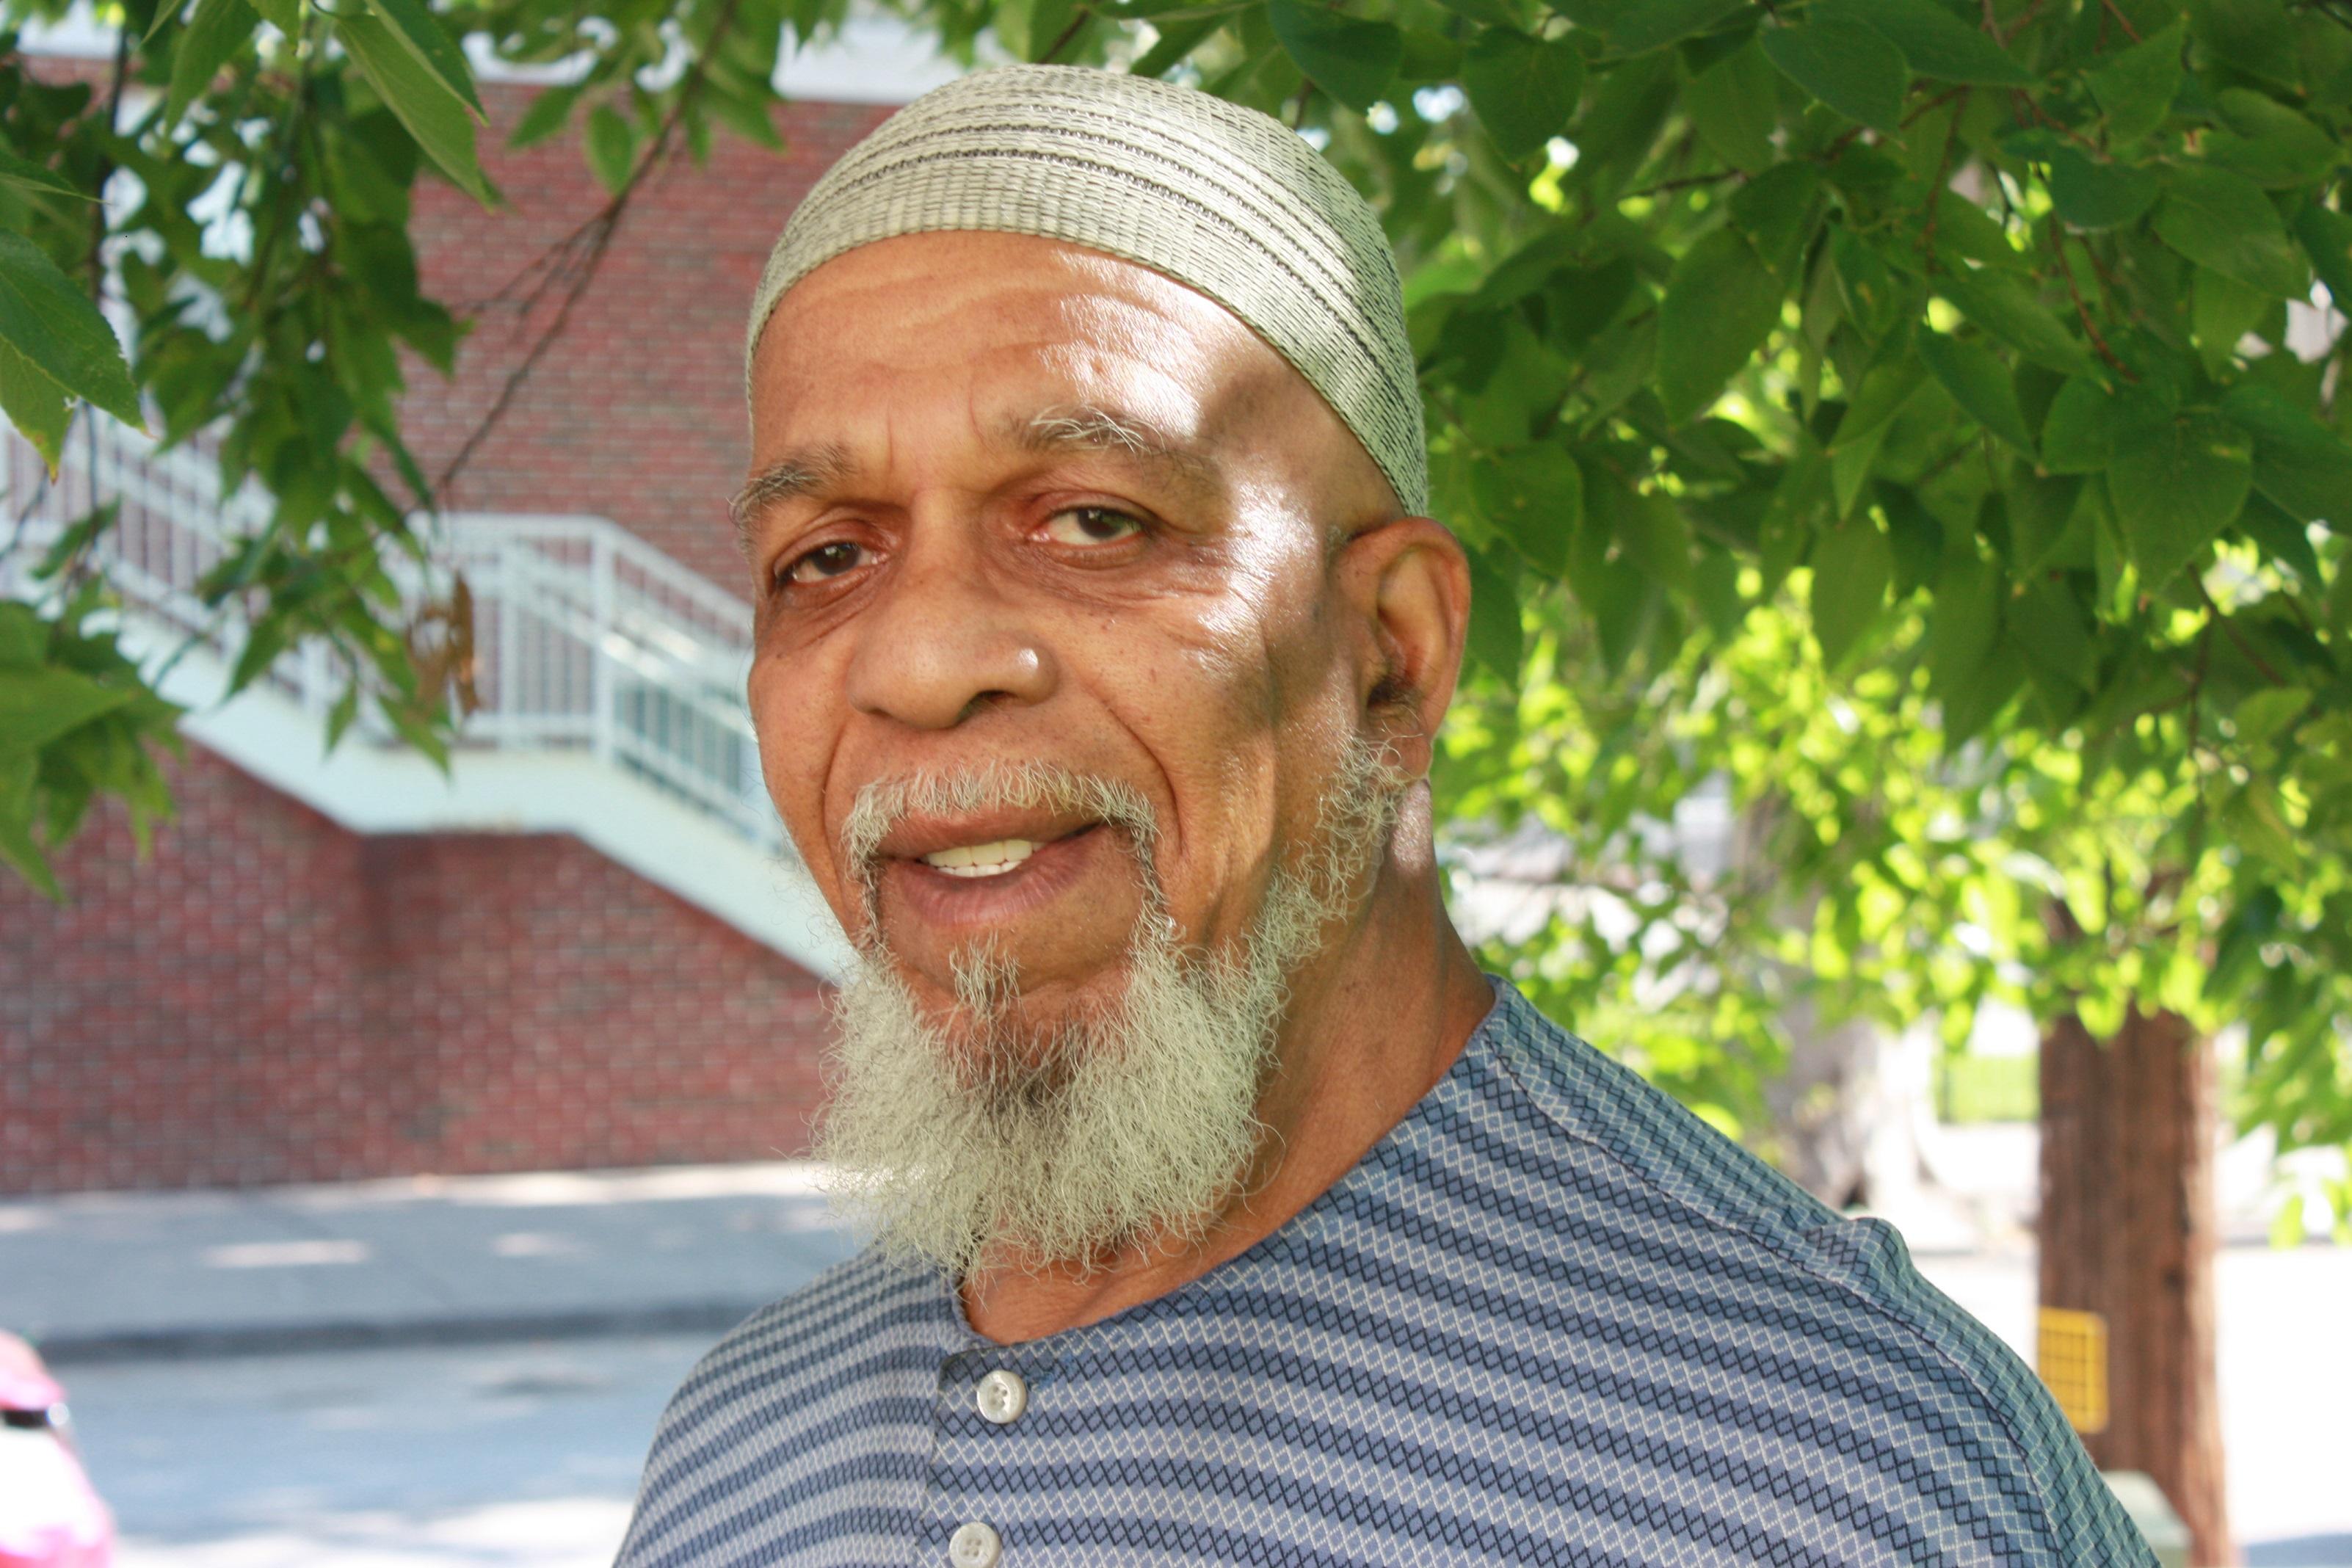 Abdul-Hakim Ali